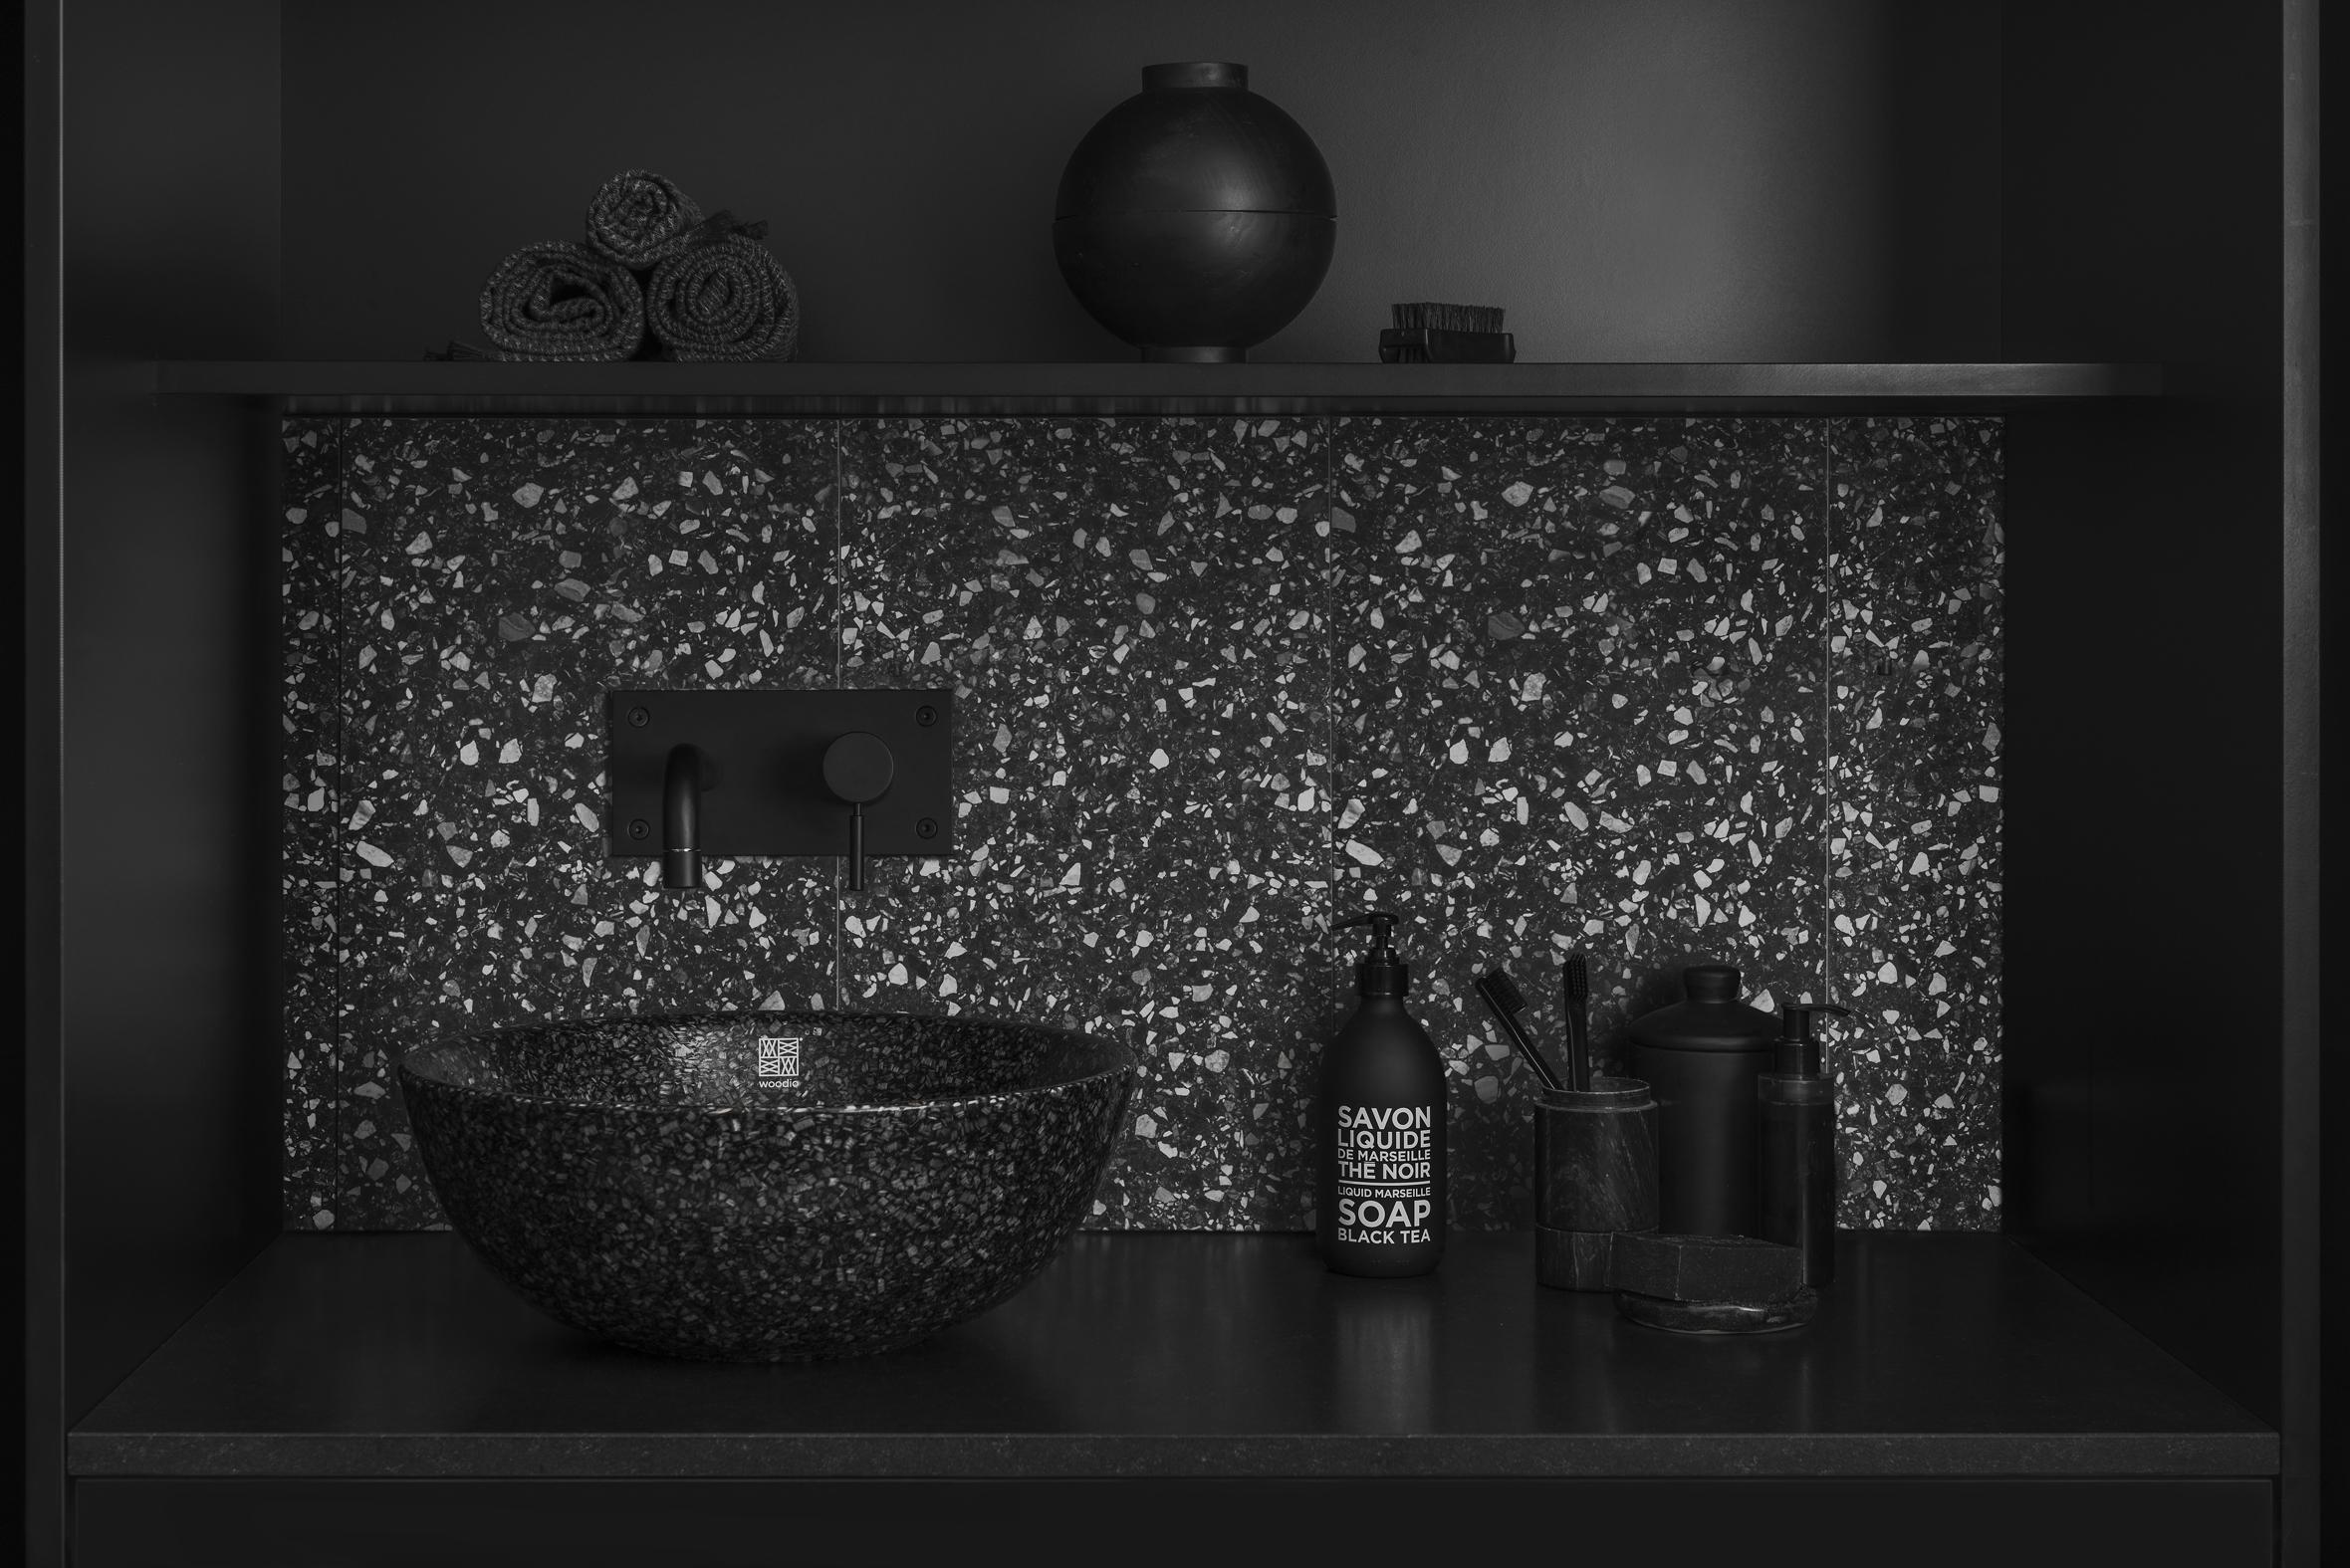 Miljömedvetenhet är som bekant ett högst aktuellt ämne och som inredare är det alltid roligt när man hittar fina produkter. Här är finska Woodio med badkar och handfat av träflisor och resin. Miljövänligt, vattentät och hållbar!